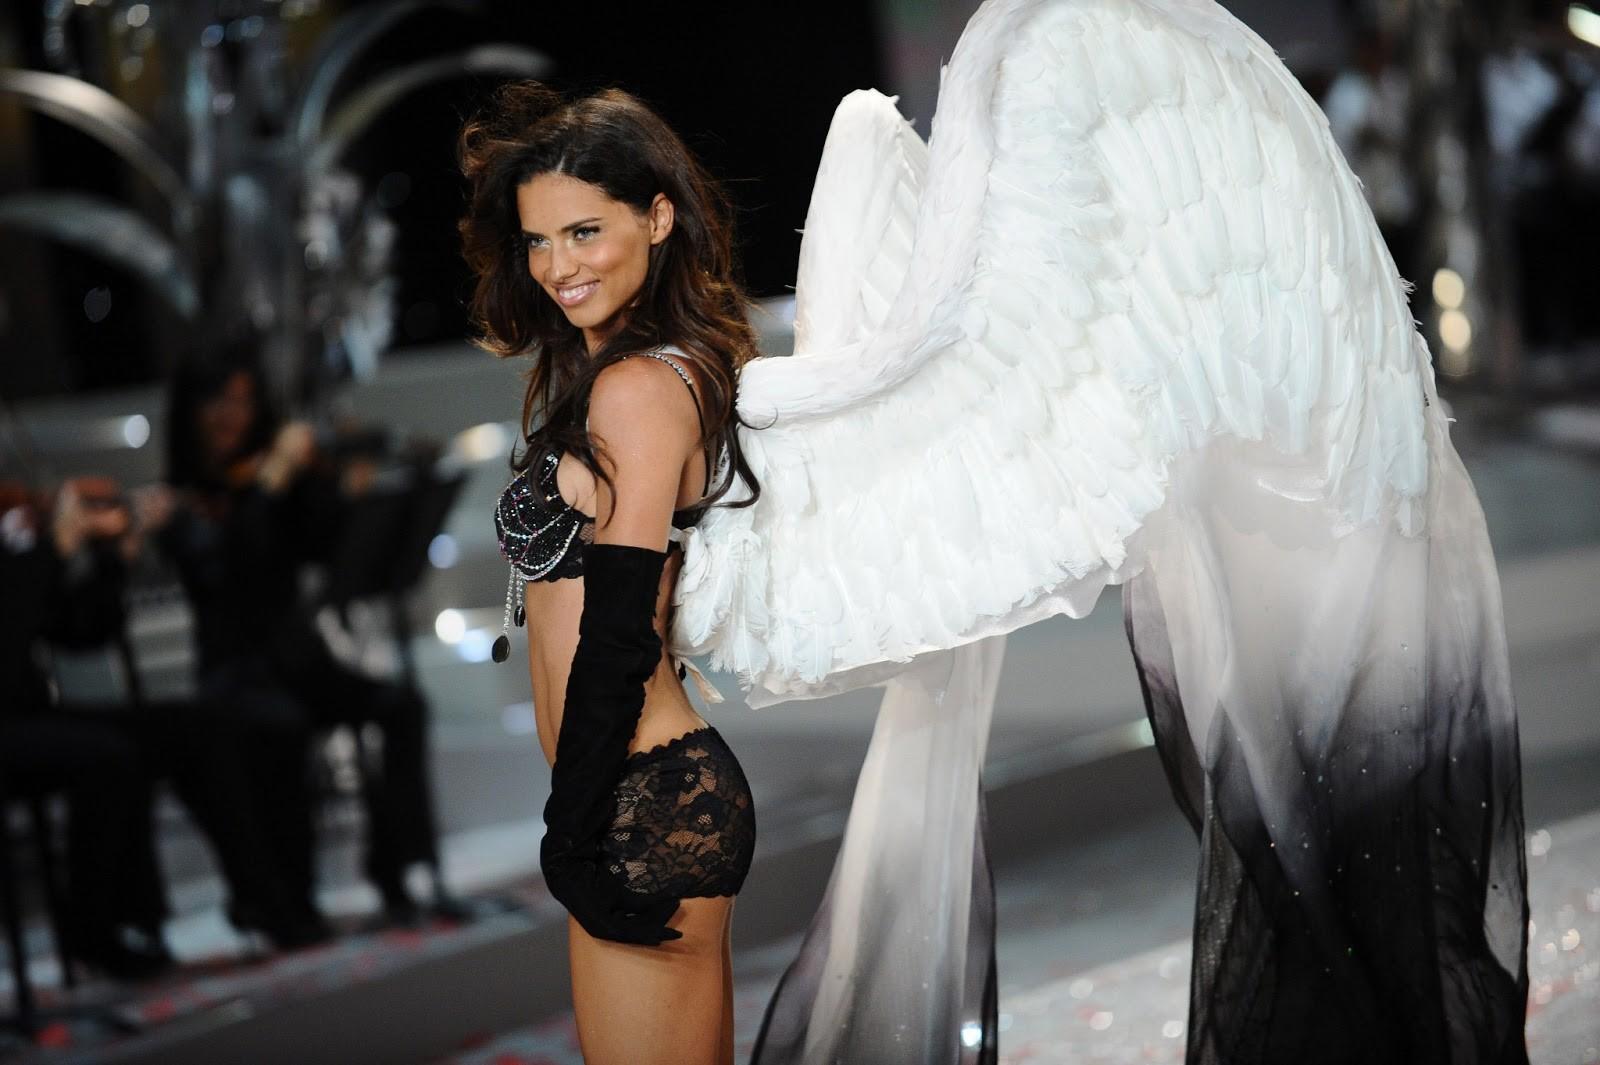 Bỏ theo dõi Instagram của Victoria's Secret cùng hàng loạt thiên thần, chị Đại Adriana Lima ẩn ý việc rời hãng? - Ảnh 7.